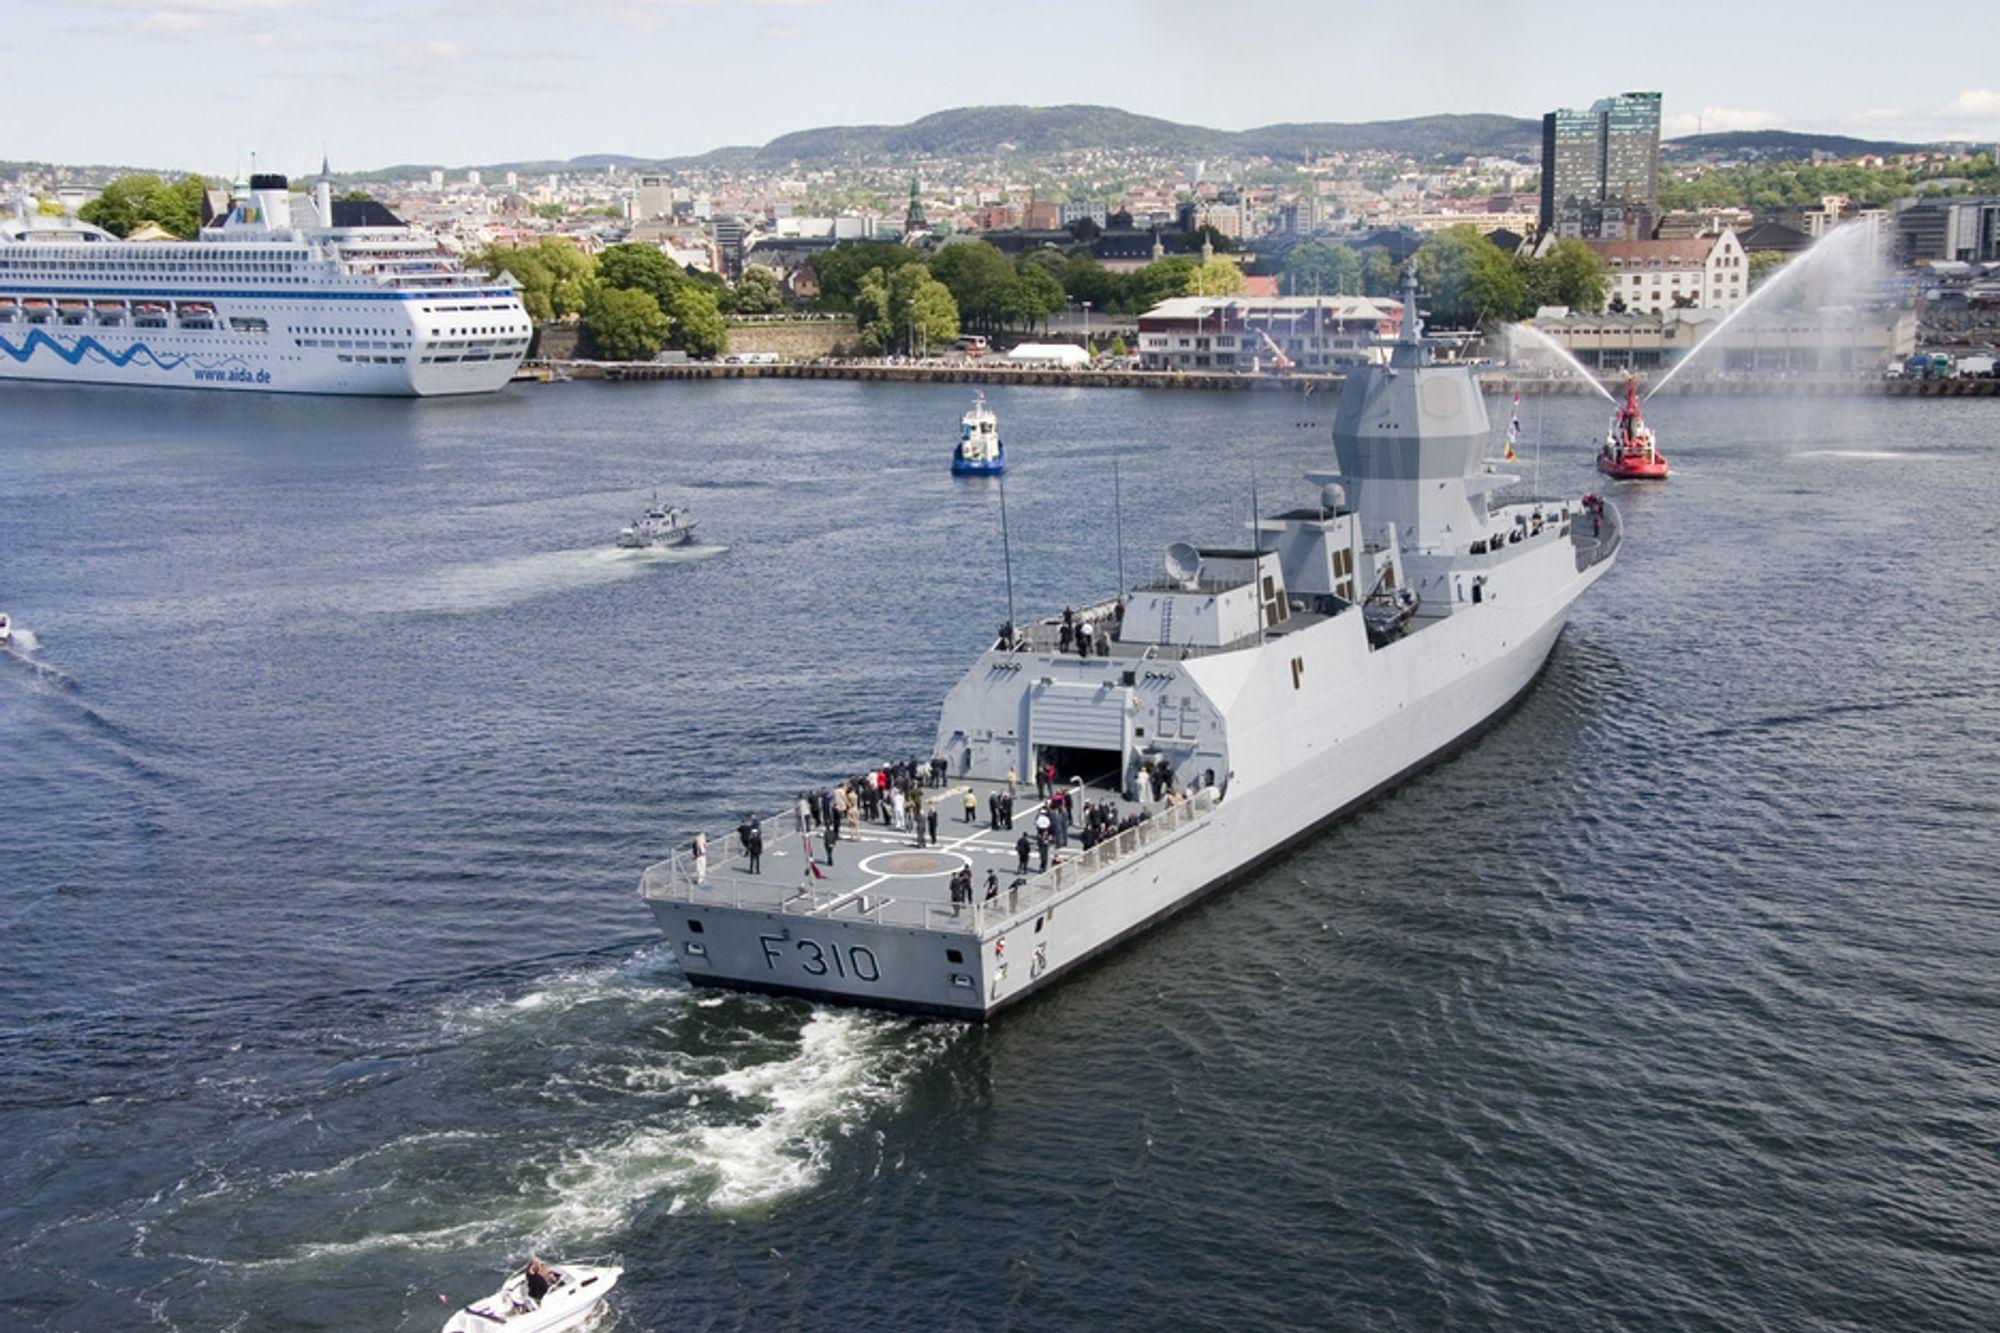 KRISE: Fregattvåpenet er kronisk underbemannet, mener forsvarsanalytiker Jacob Børresen. Her KNM Fridtjof Nansen på besøk i Oslo havn i 2006.